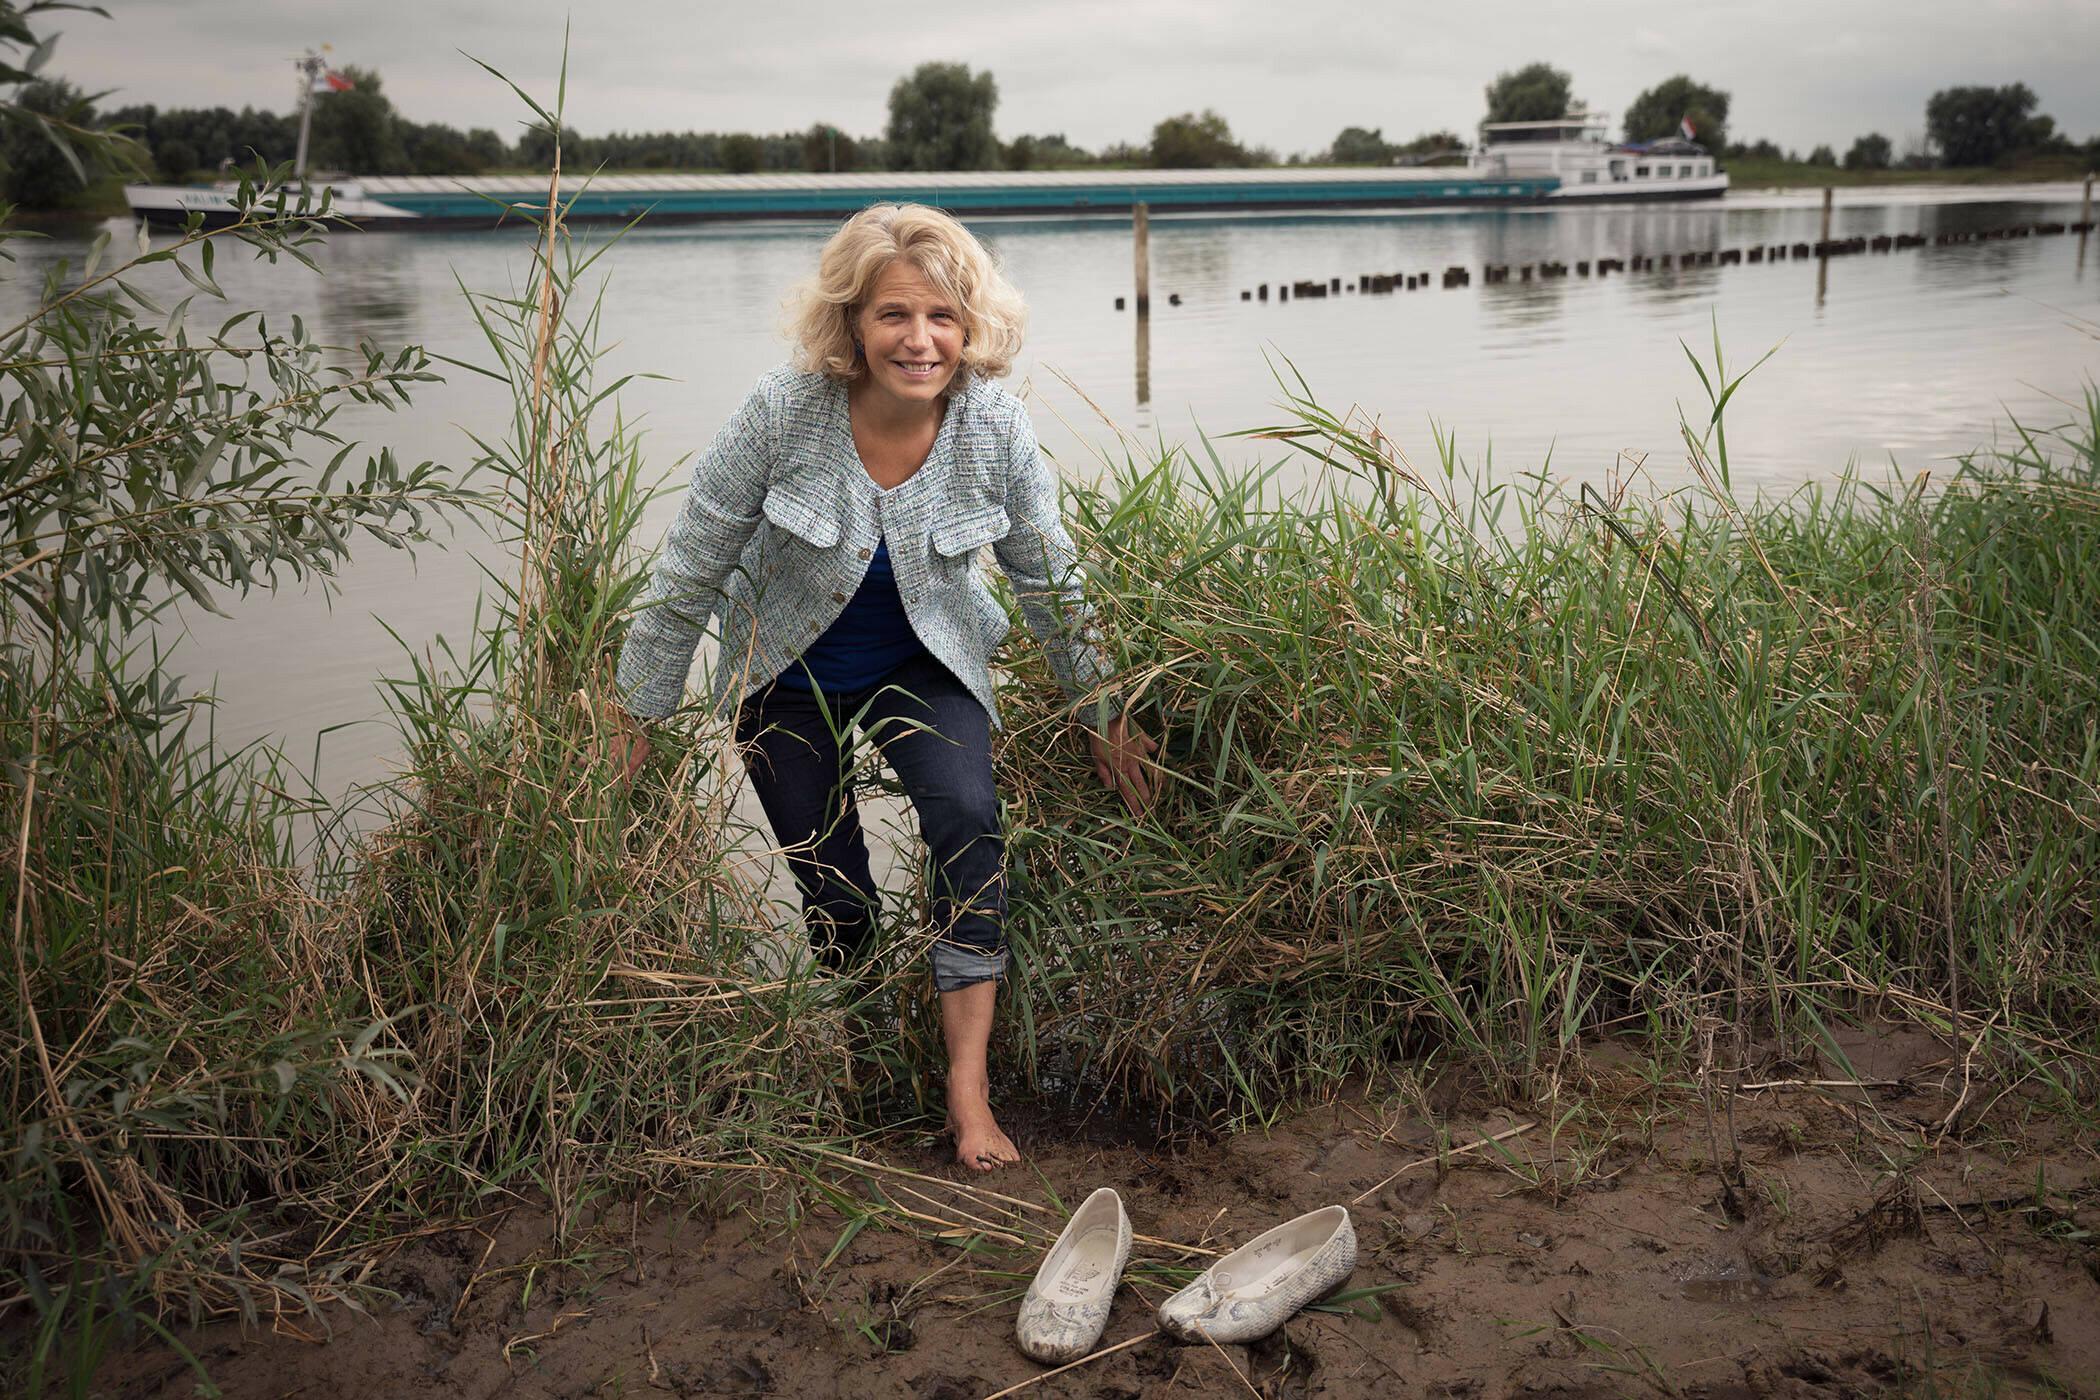 Foto van Michelle Talsma die uit een rivier water stapt. Haar schoenen staan in de modder op de kant.